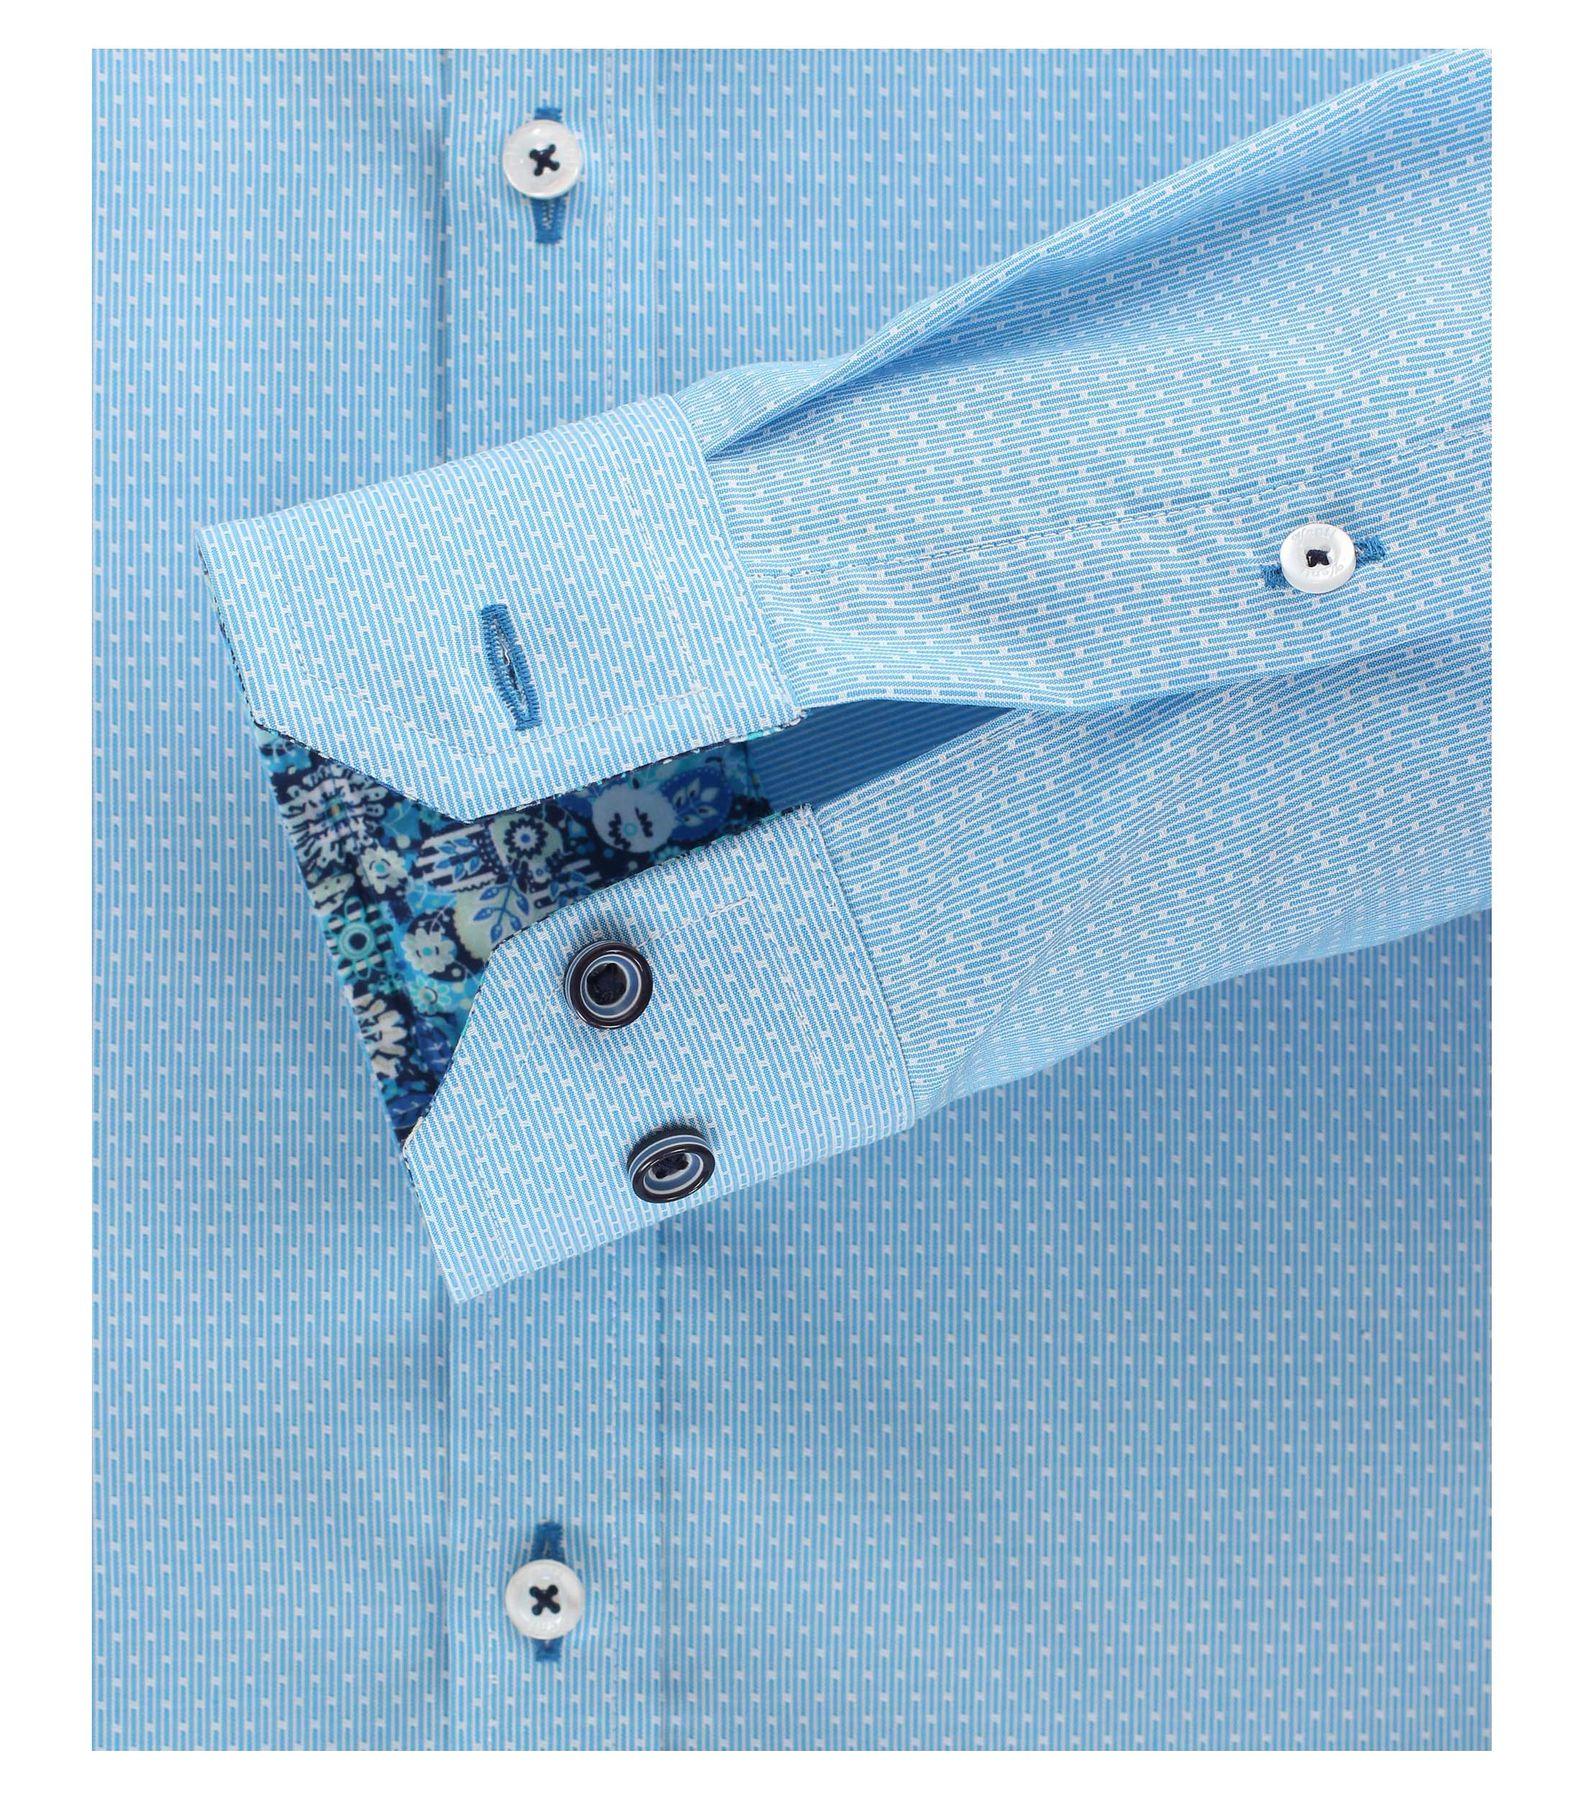 Venti - Body Fit - Herren Karo Struktur Hemd aus 100% Baumwolle mit Hai Kragen (172666800) – Bild 4